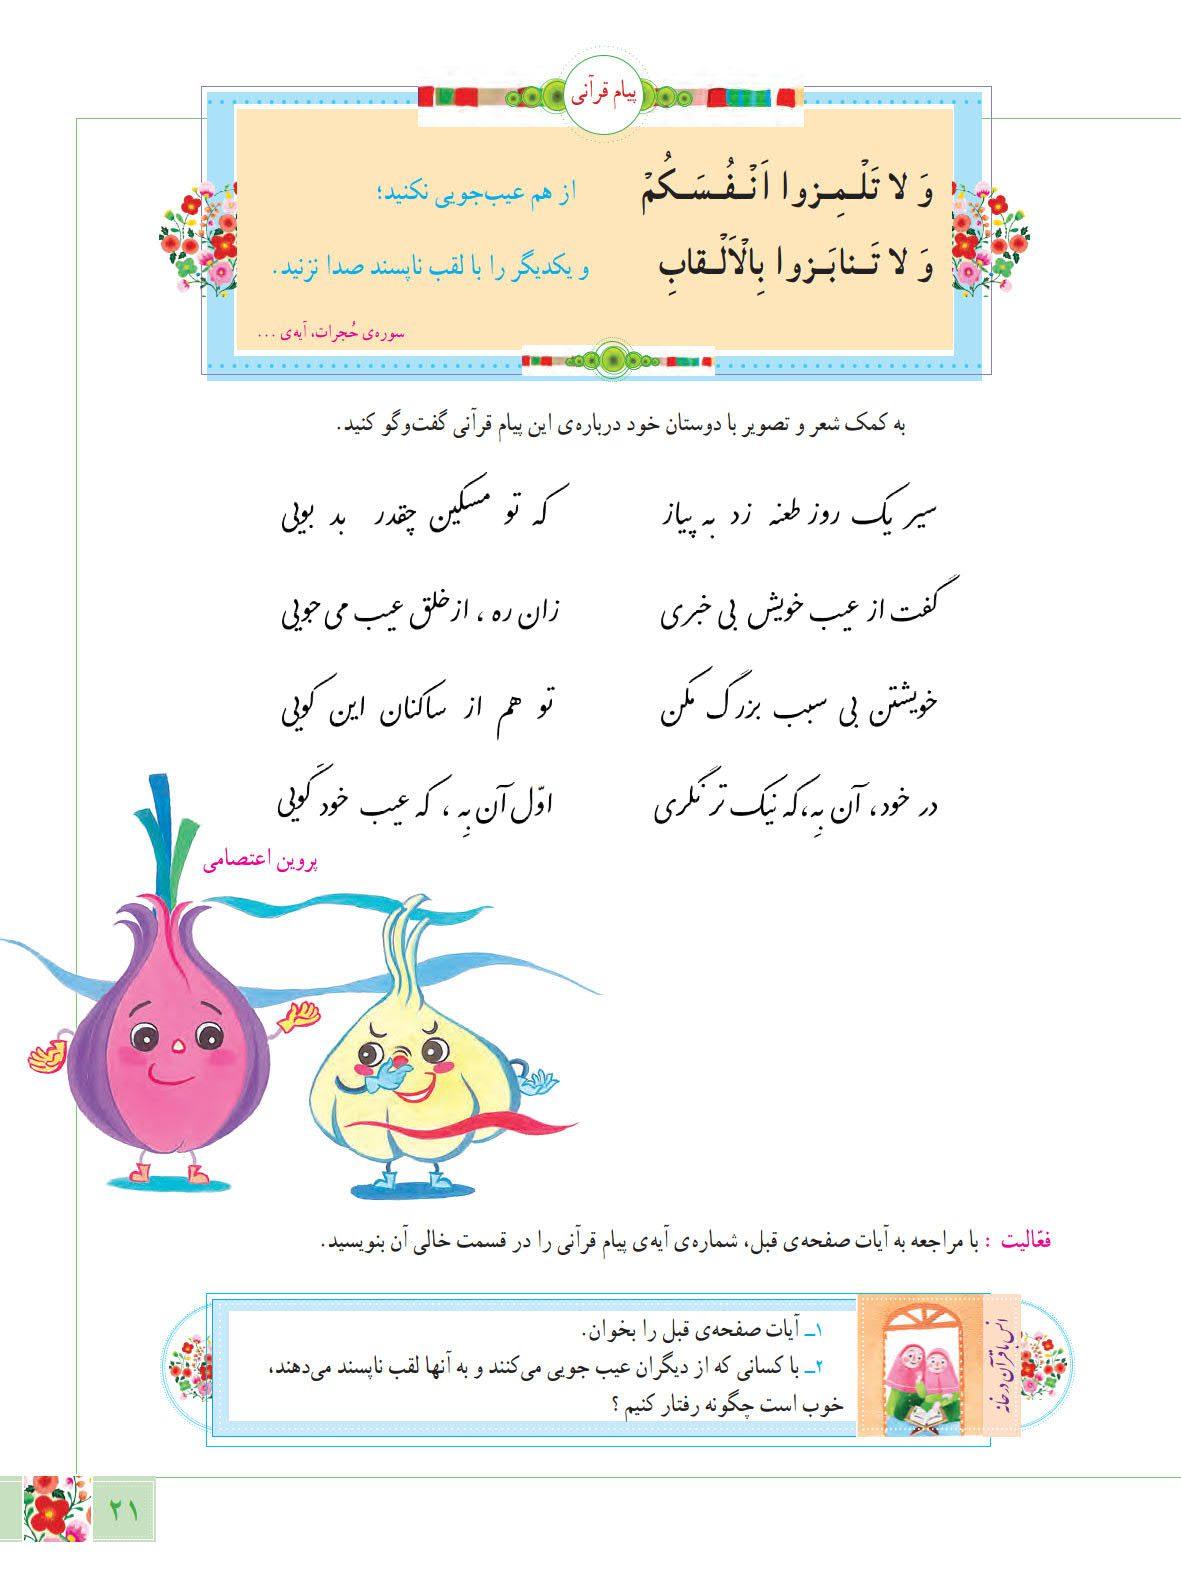 درس سوم آموزش قرآن پایه ششم ابتدایی - کلاس اینترنتی ما - مومکا - صفحه 21 - momeka.ir (1)